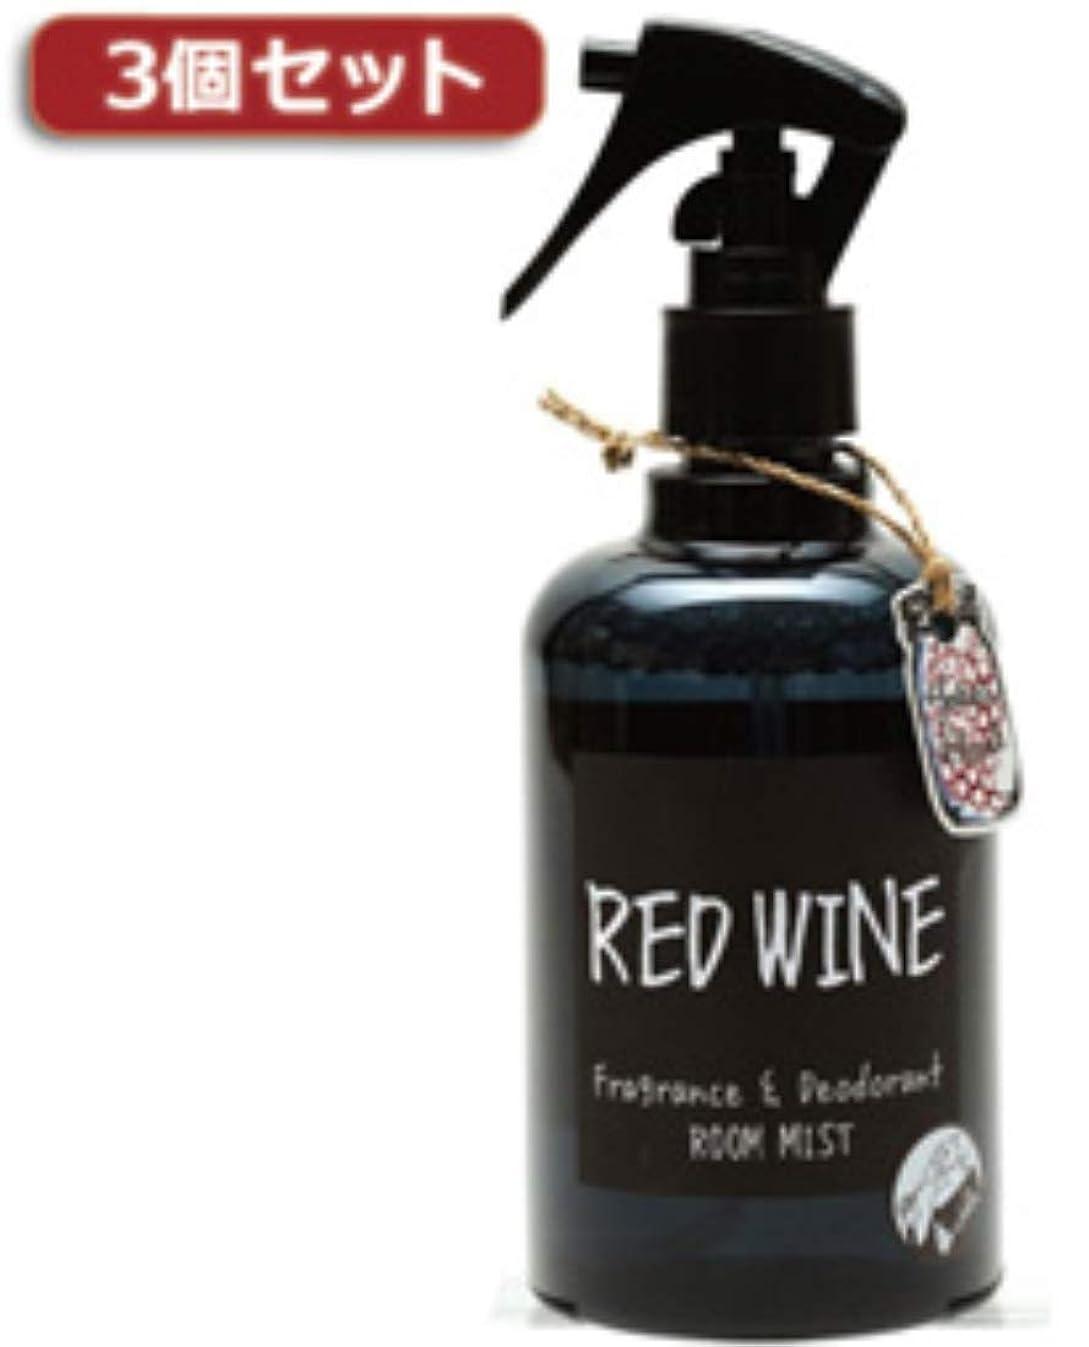 薄汚い幸福出撃者日用品?生活雑貨 消臭剤?芳香剤 関連 3個セット ルームミスト レッドワイン